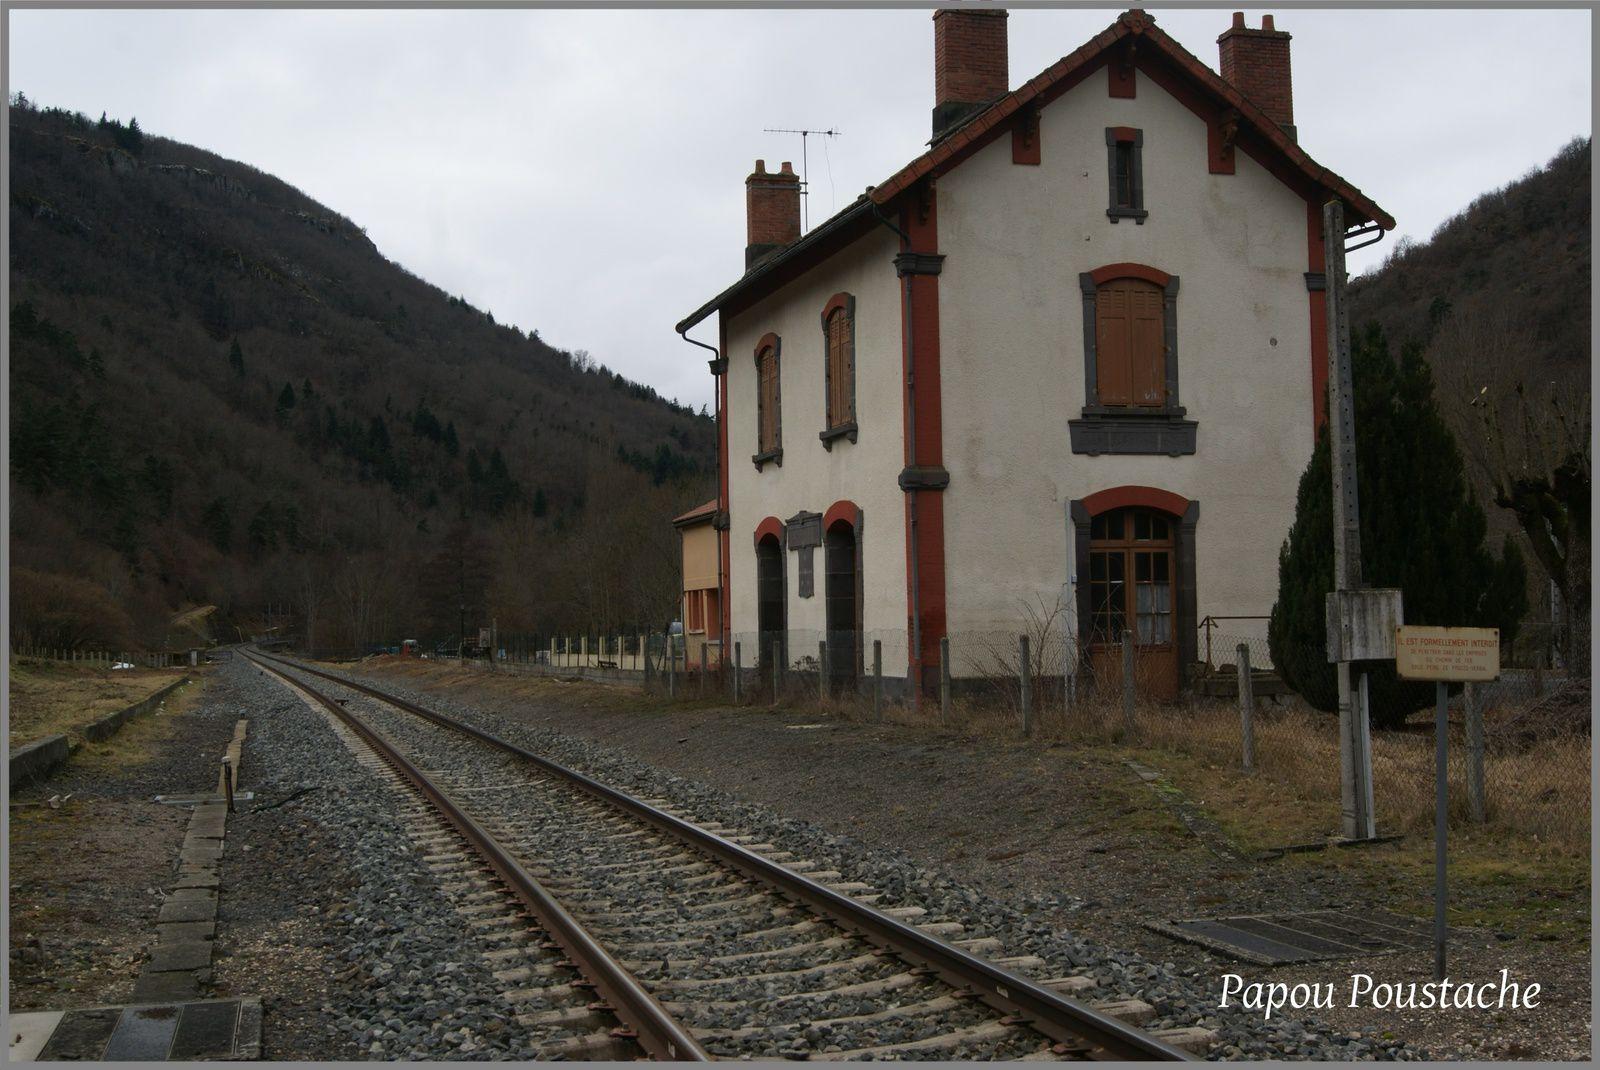 La gare à Molompize